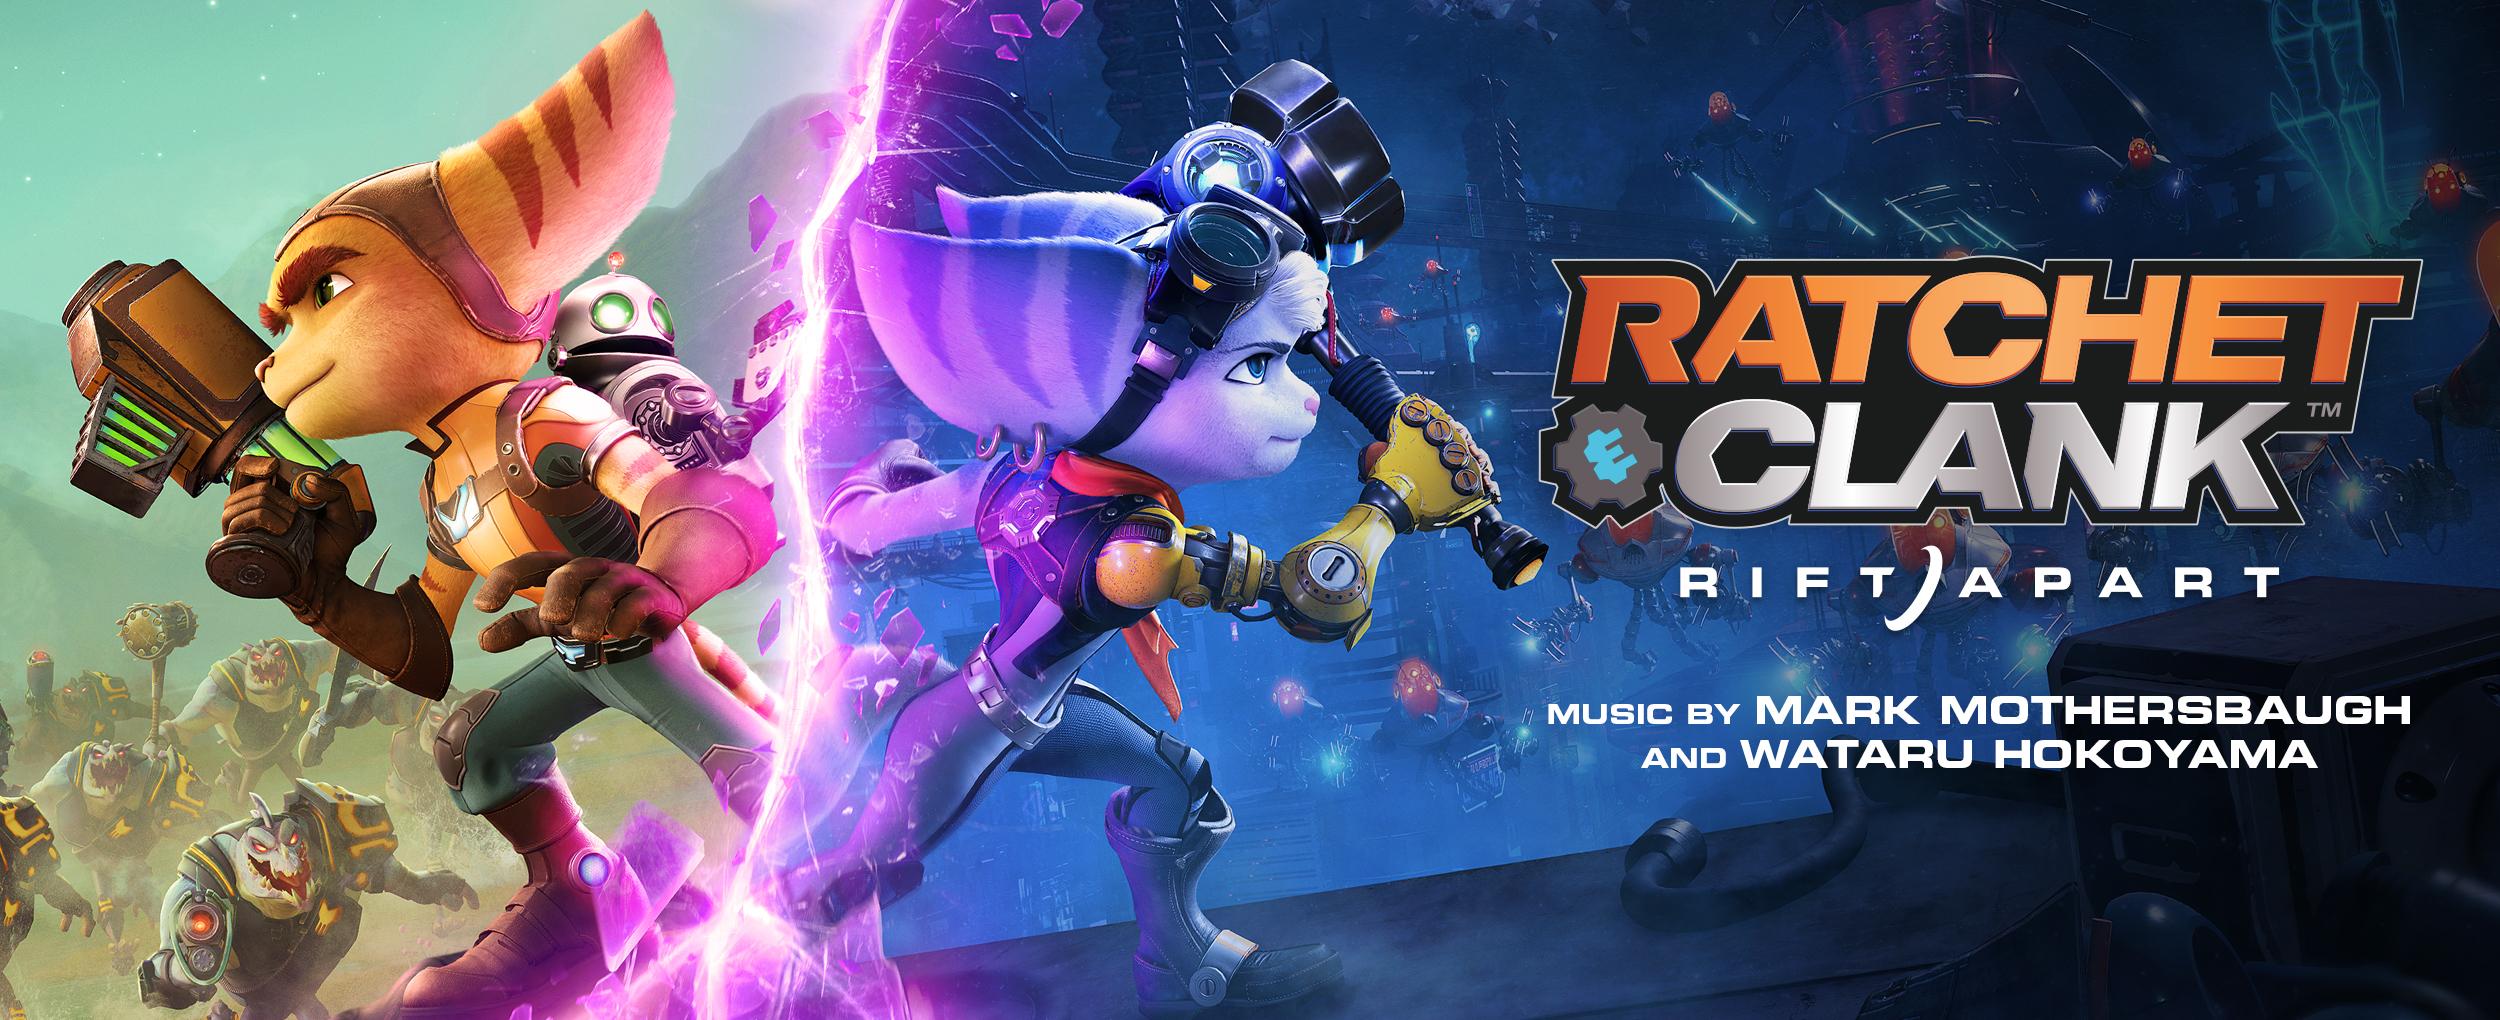 Ratchet&Clank_RiftApart_Slider_Banner